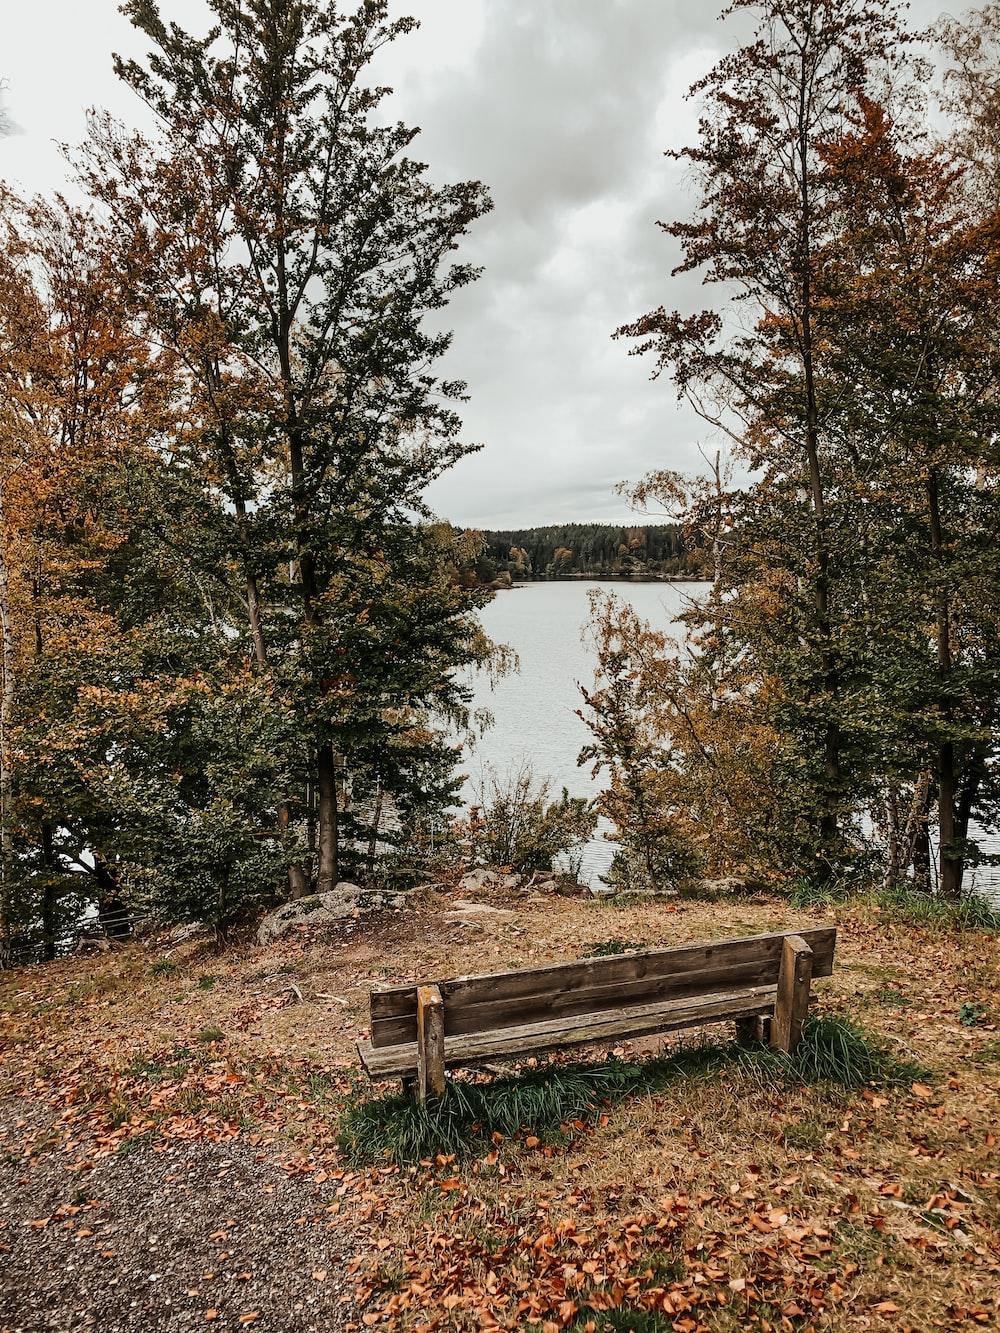 brown wooden bench near lake during daytime